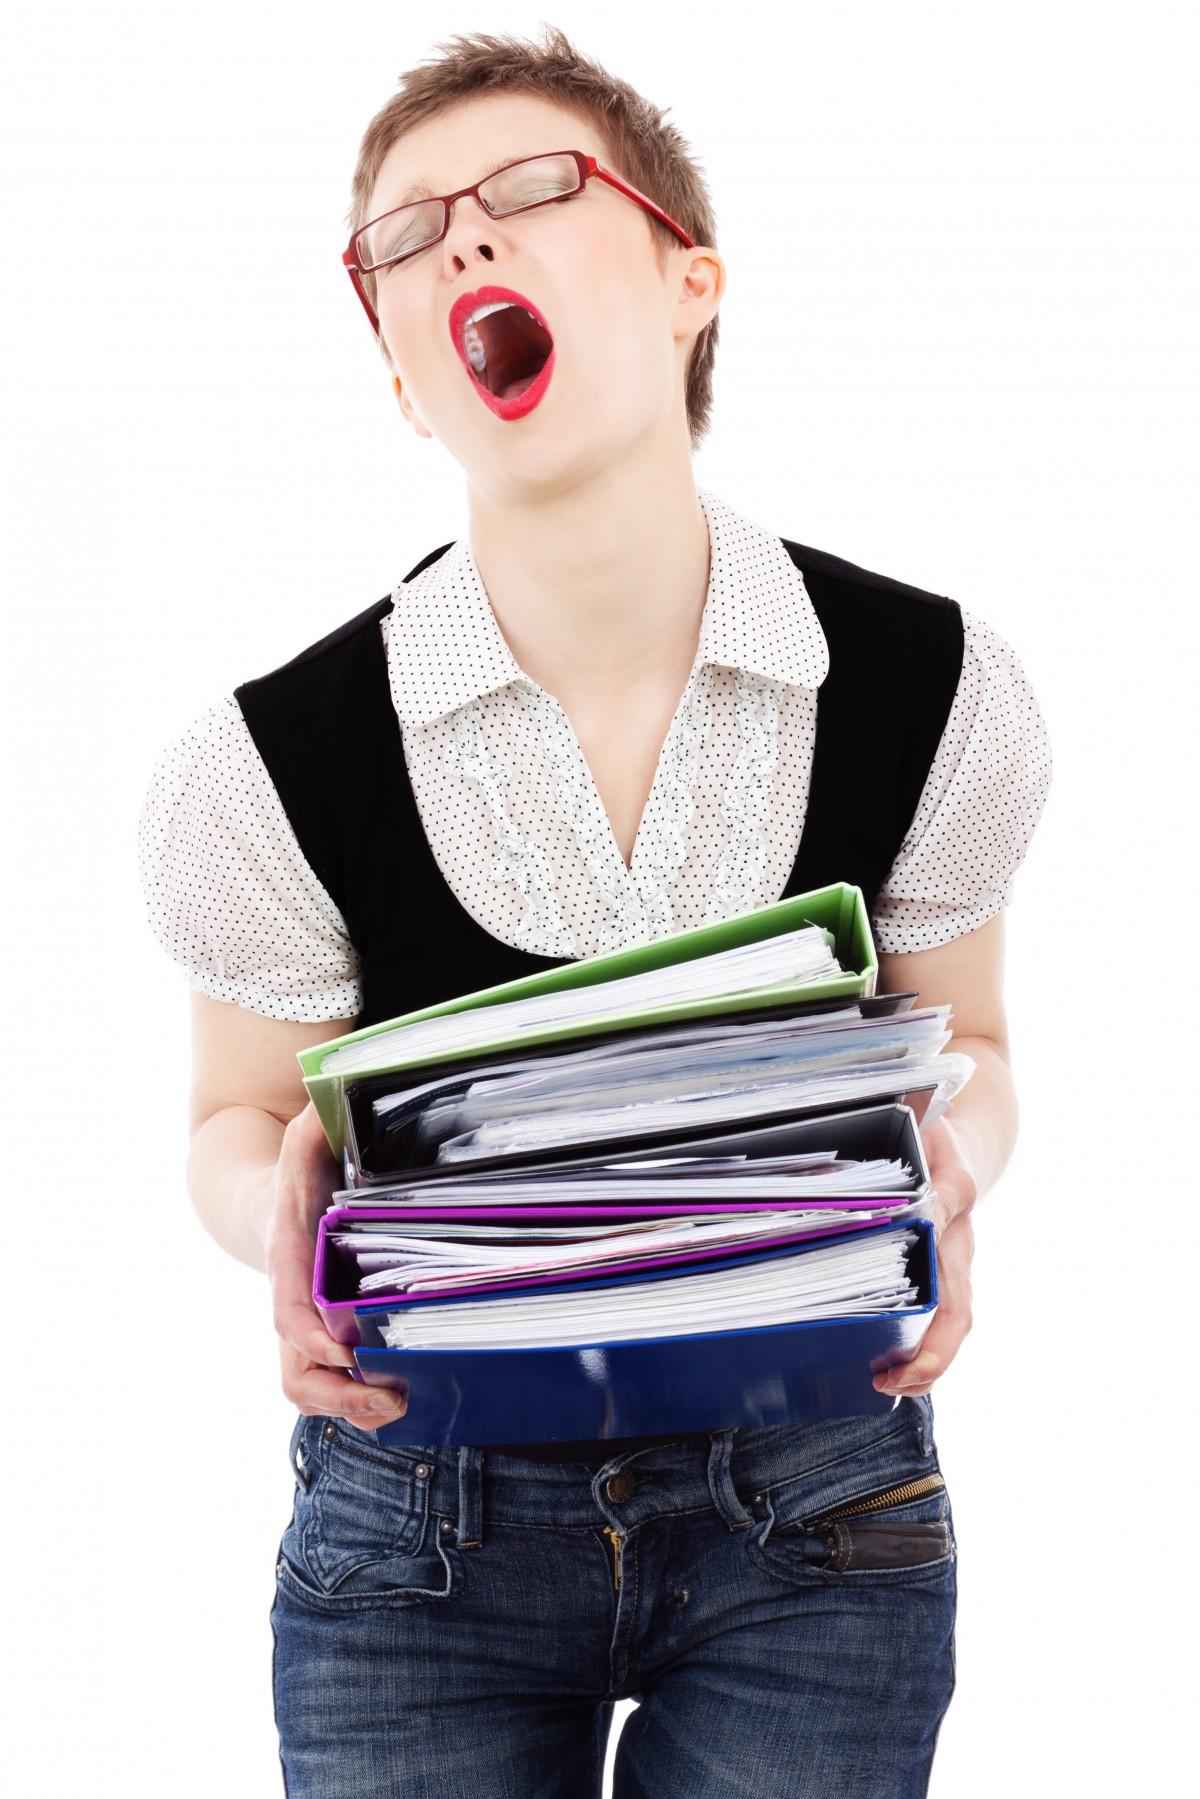 Entrepreneuriat : comment gérer le stress